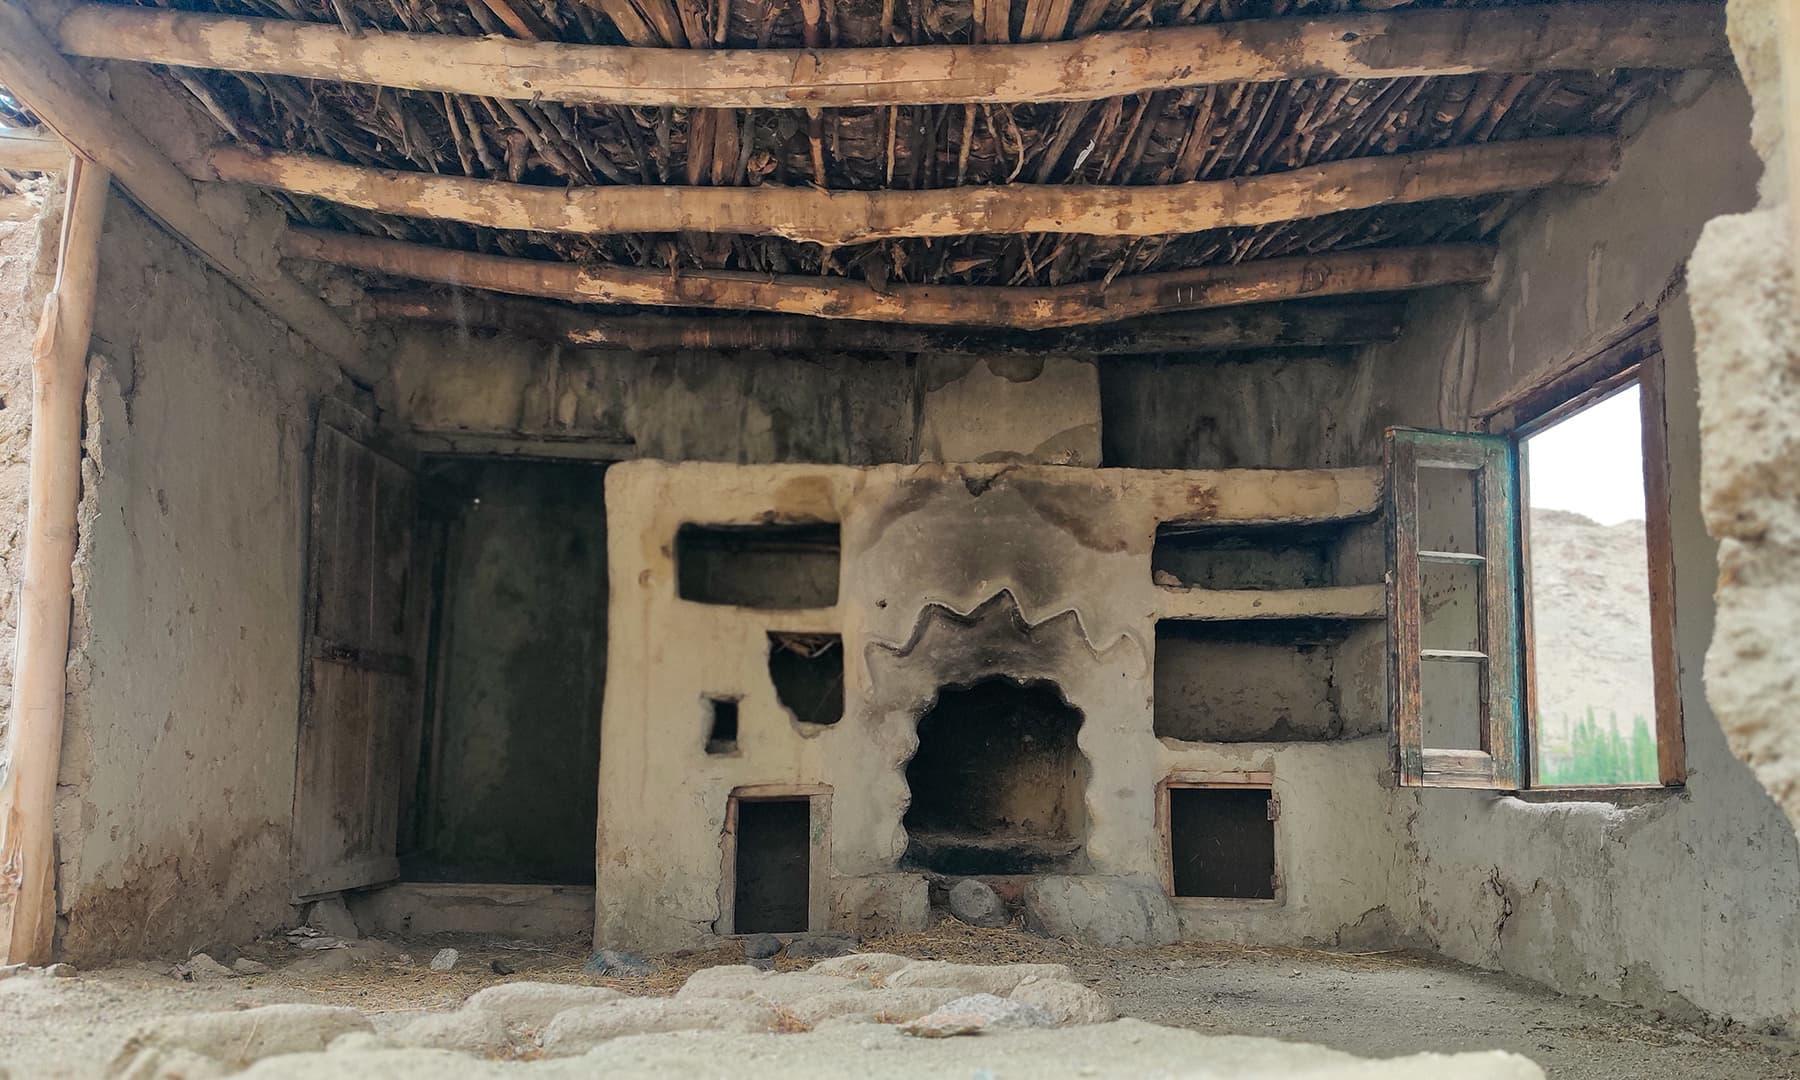 بلتستان کا روایتی باورچی خانہ